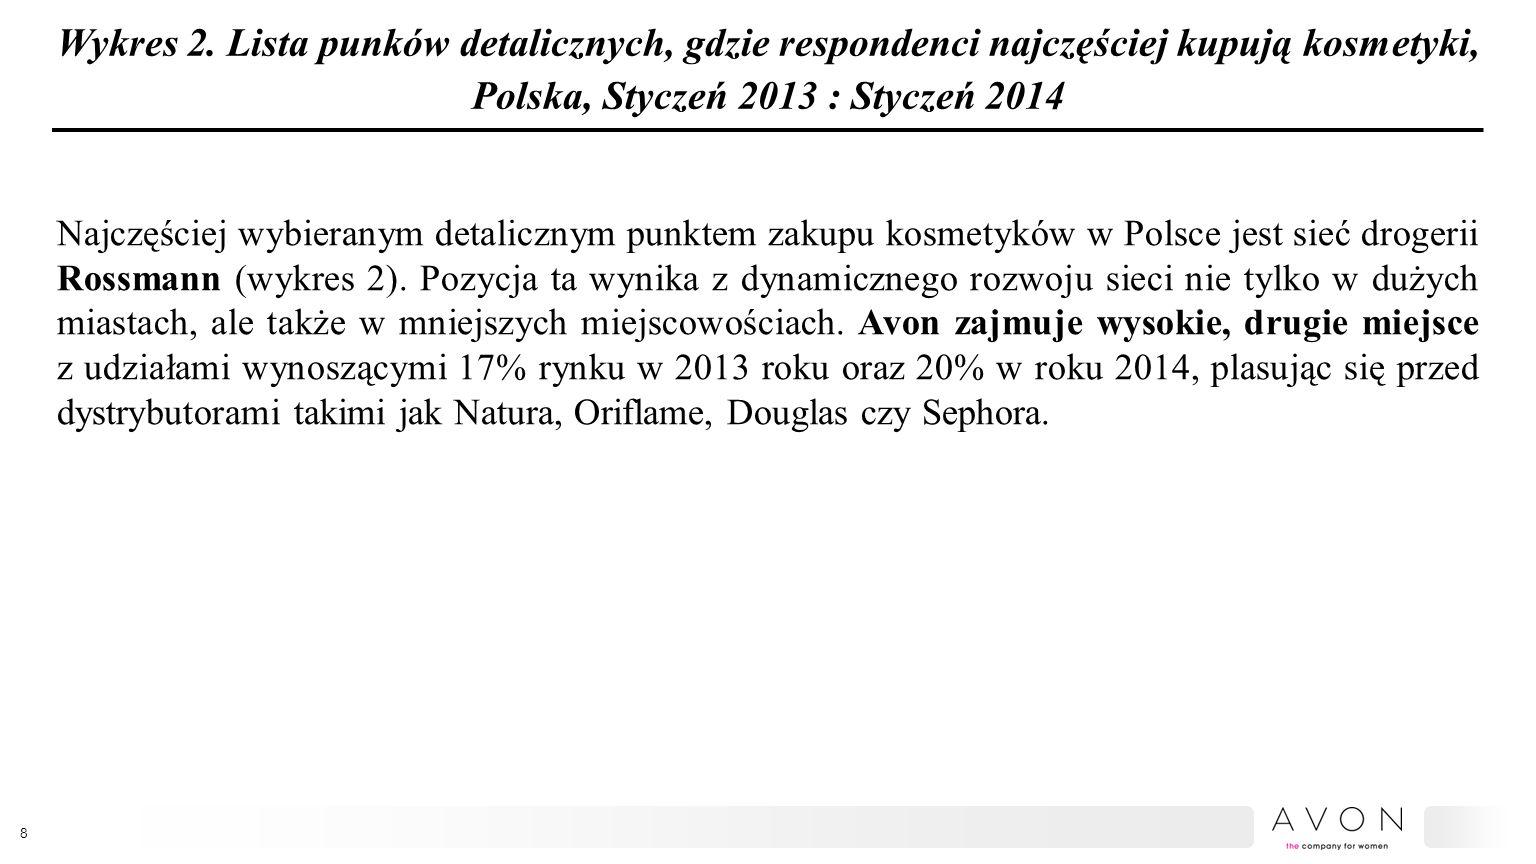 Wykres 2. Lista punków detalicznych, gdzie respondenci najczęściej kupują kosmetyki, Polska, Styczeń 2013 : Styczeń 2014 Najczęściej wybieranym detali